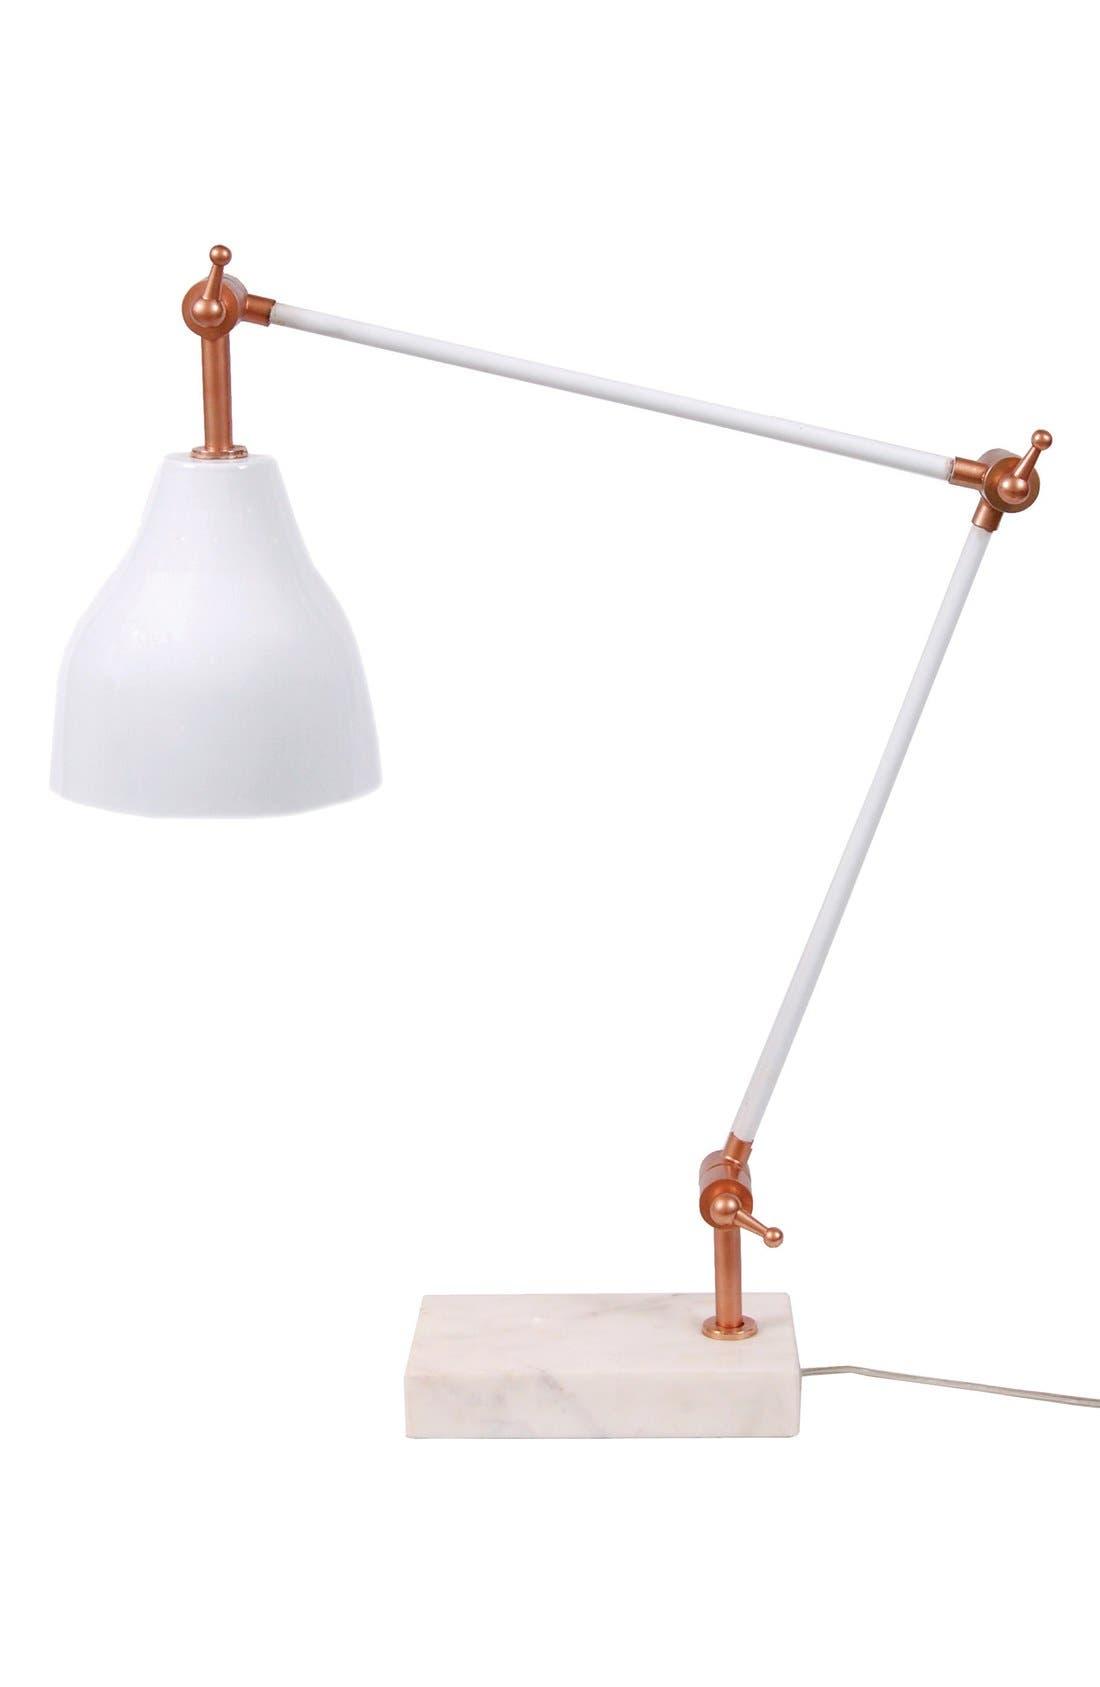 Alternate Image 1 Selected - Renwil 'Luna' Table Lamp